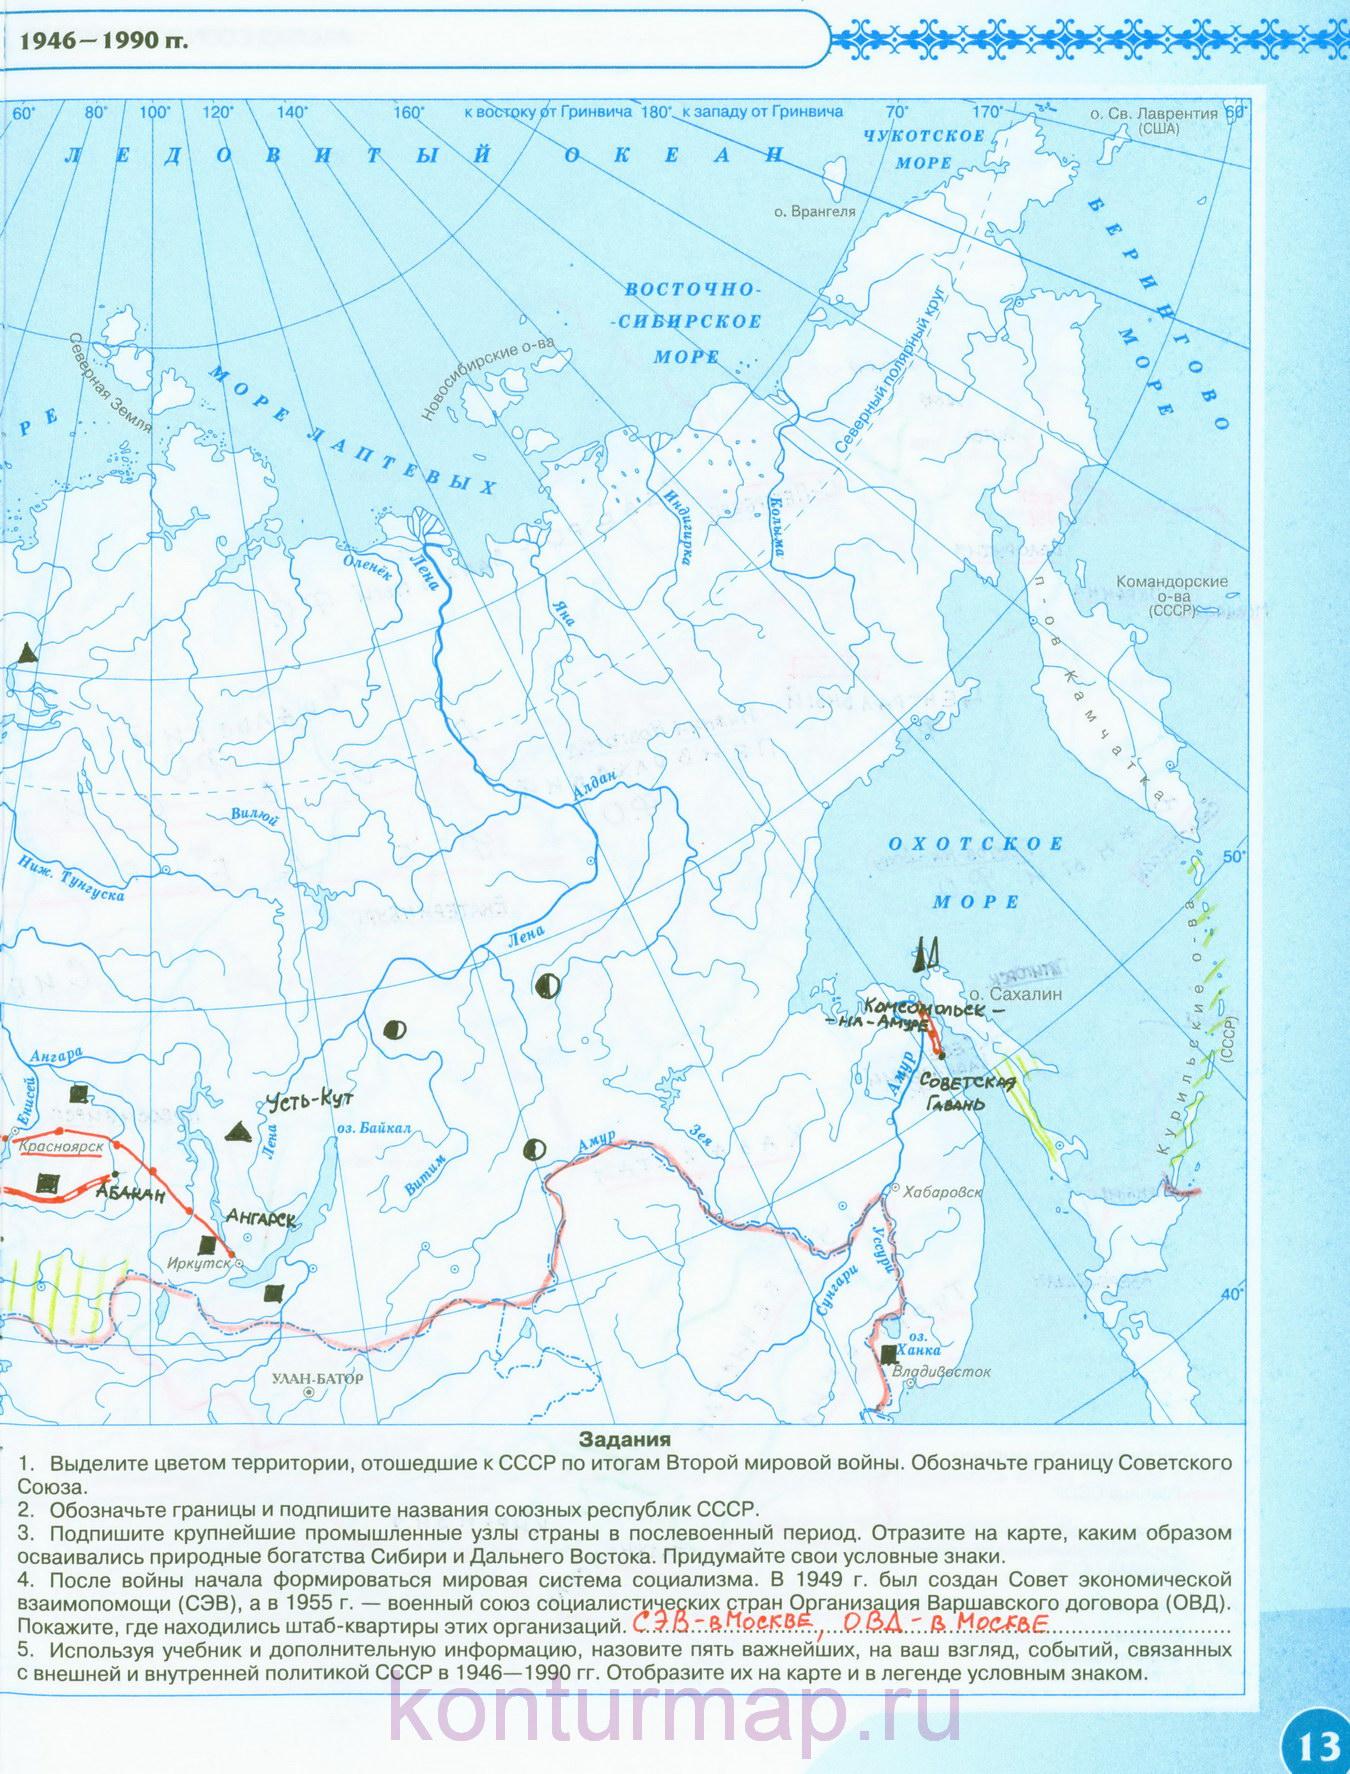 Карта в атласе 10 класса о мировых природных ресурсов с условными знаками